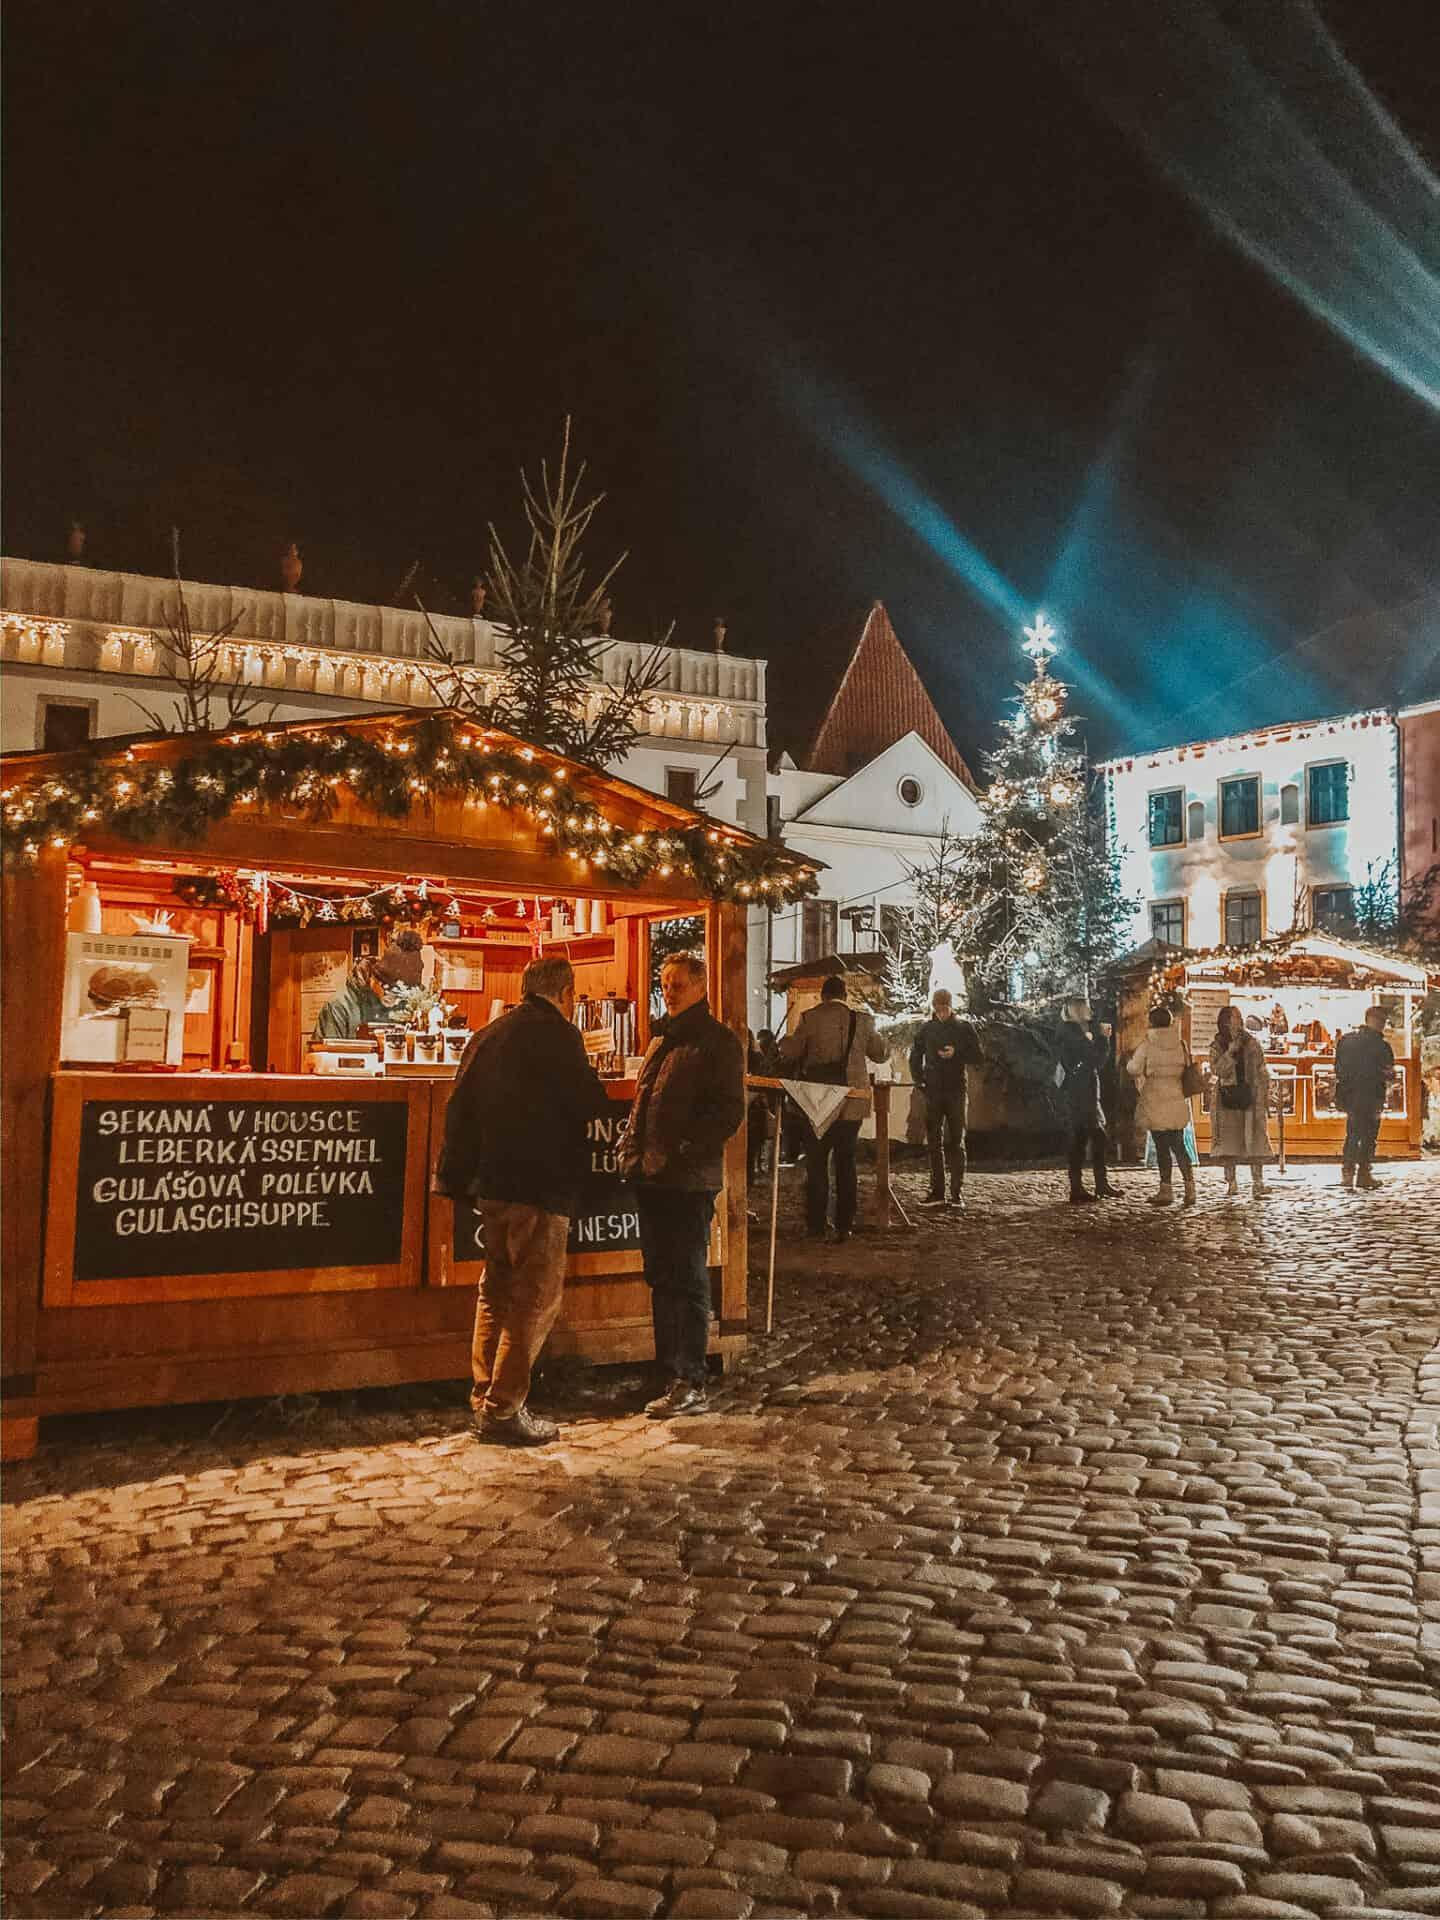 Christmas market in Cesky Krumlov